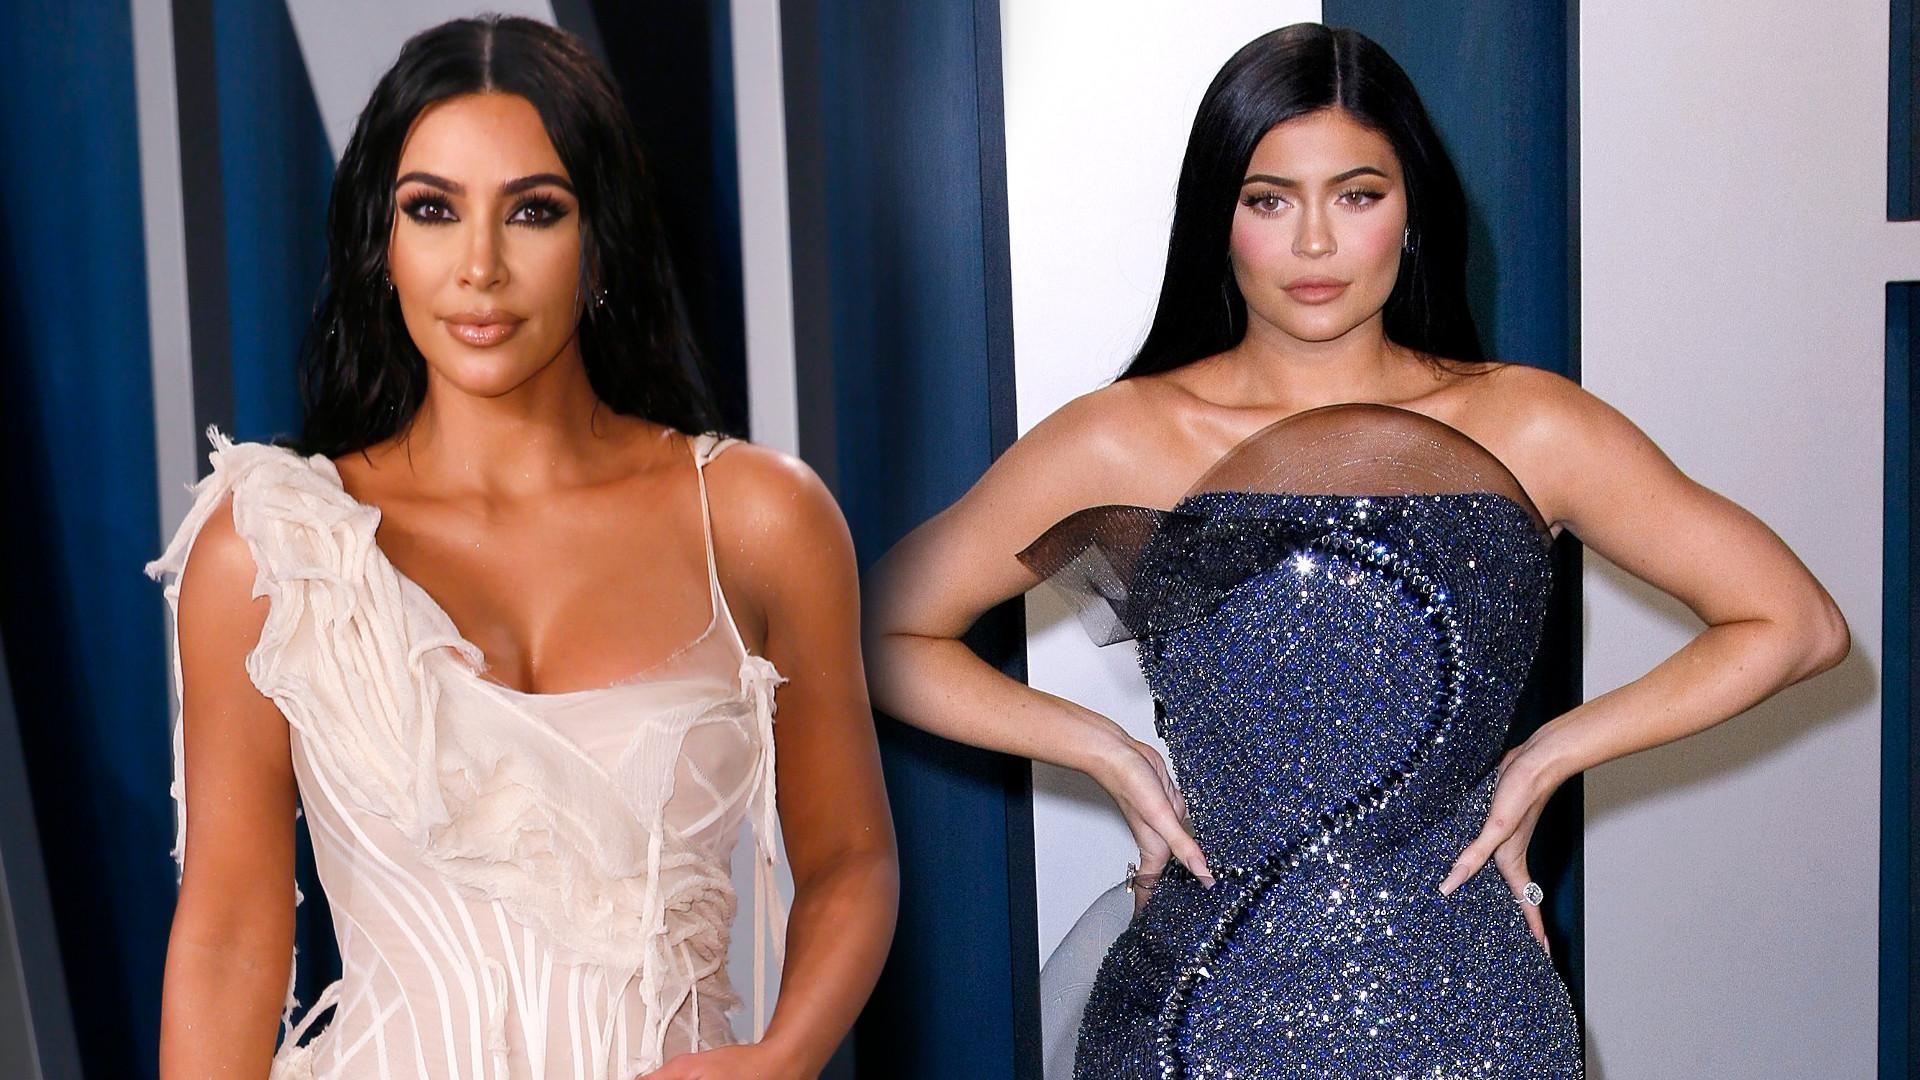 Kylie Jenner czy Kim Kardashian? Która wyglądała LEPIEJ na gali Vanity Fair? (ZDJĘCIA)